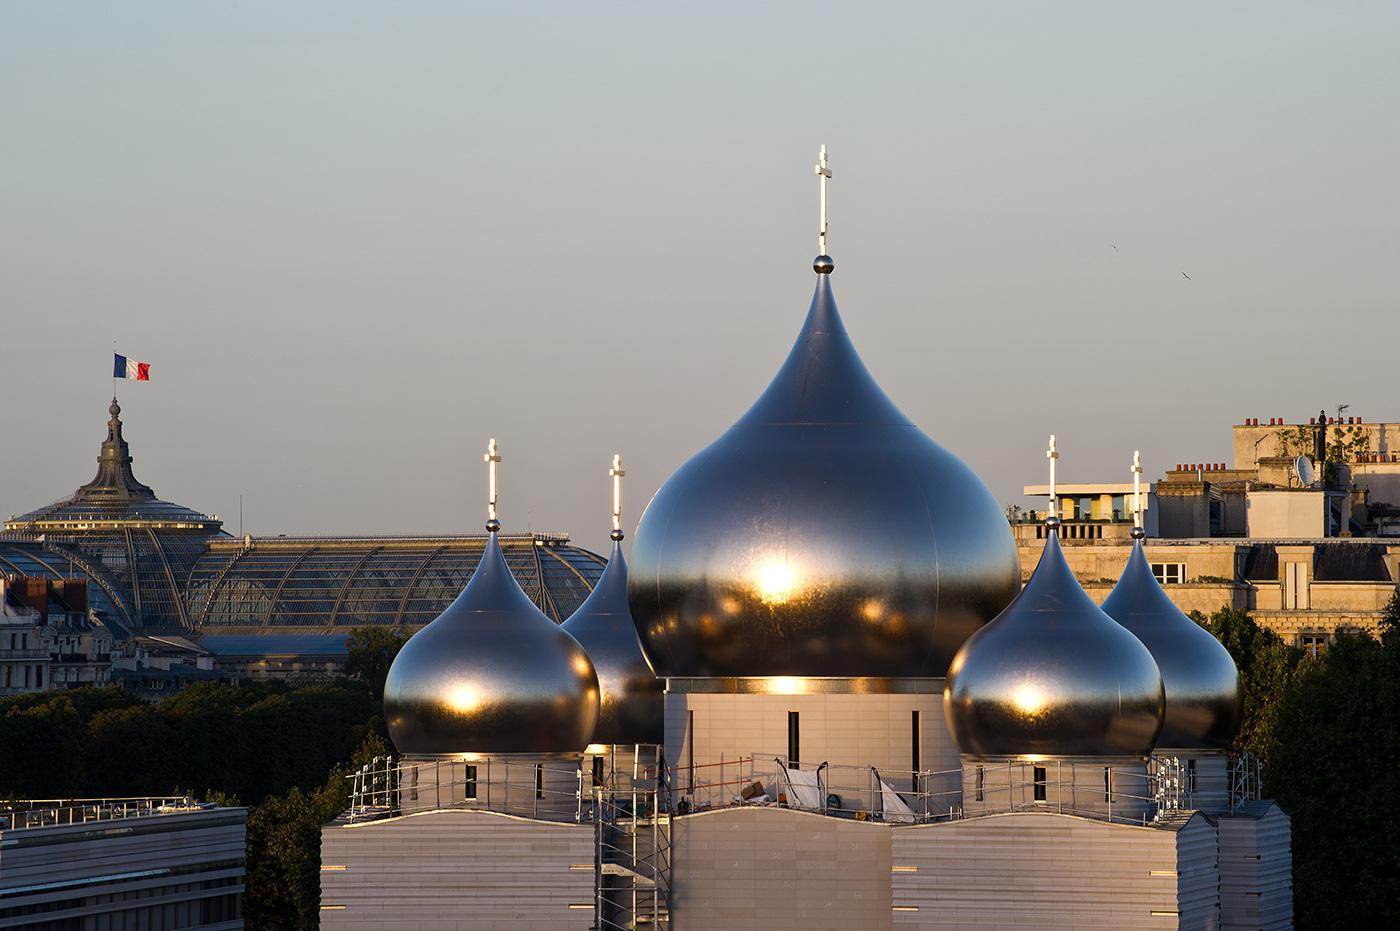 Una presenza cospicua nello skyline parigino.